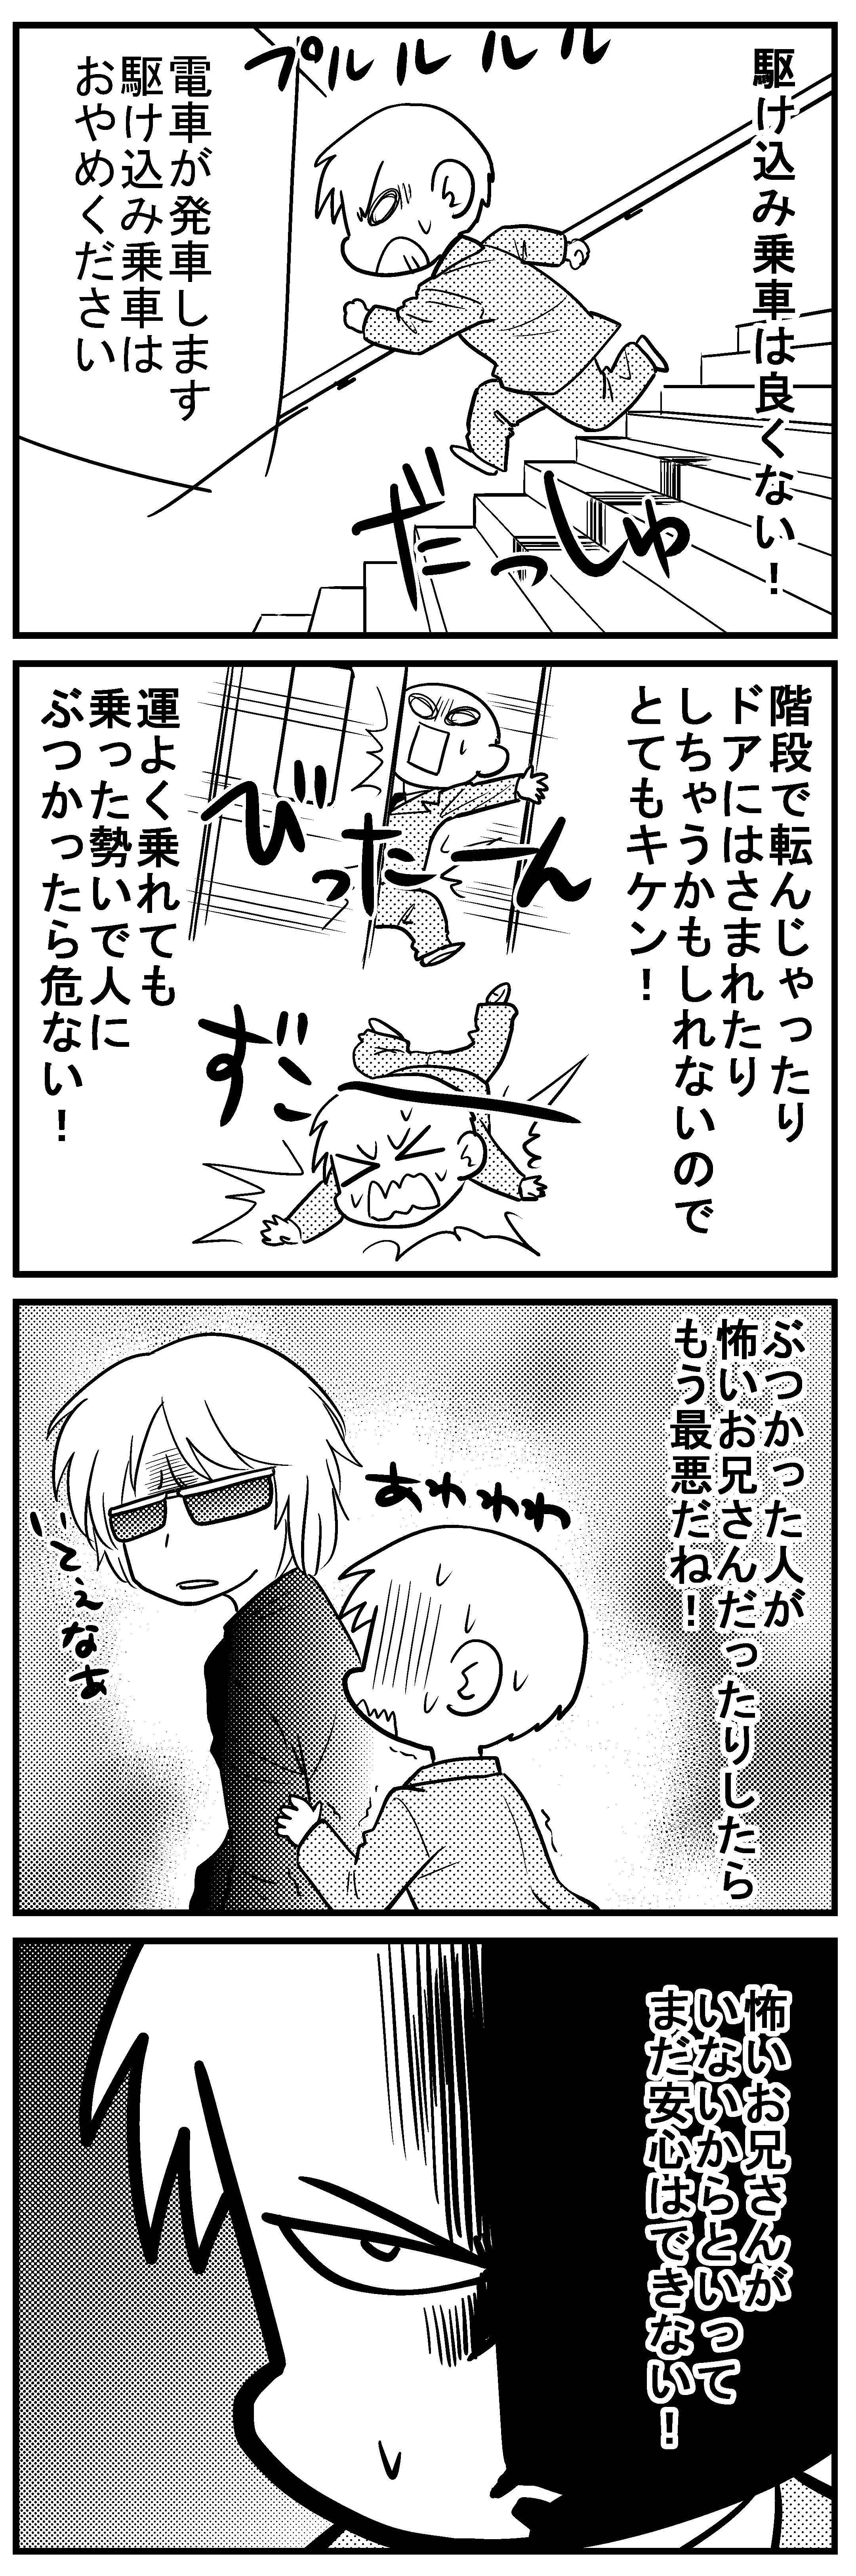 深読みくん45-1